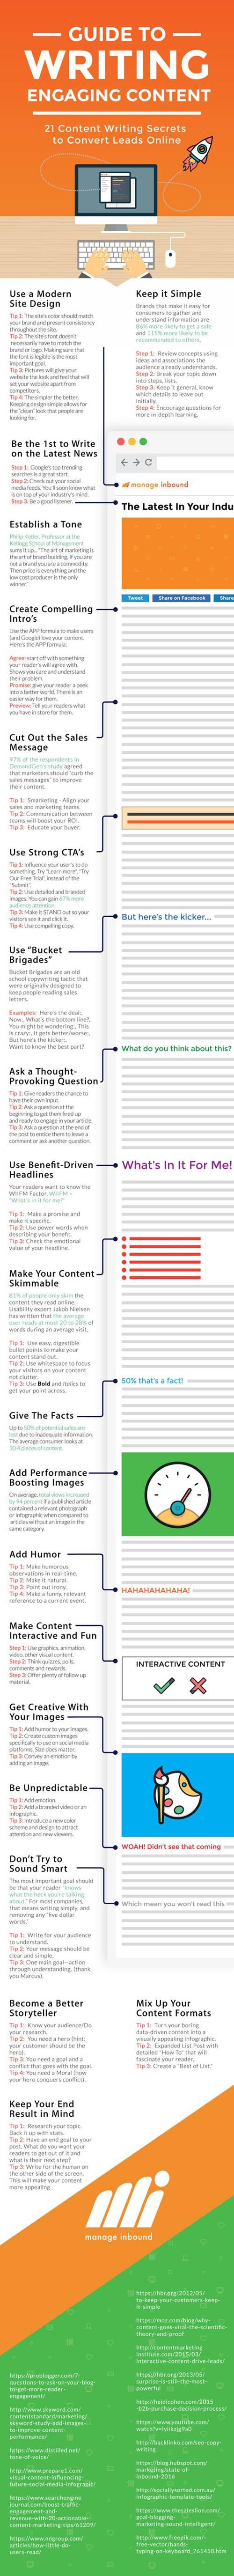 20-recomendaciones-escribir-contenido-convierta-infografia